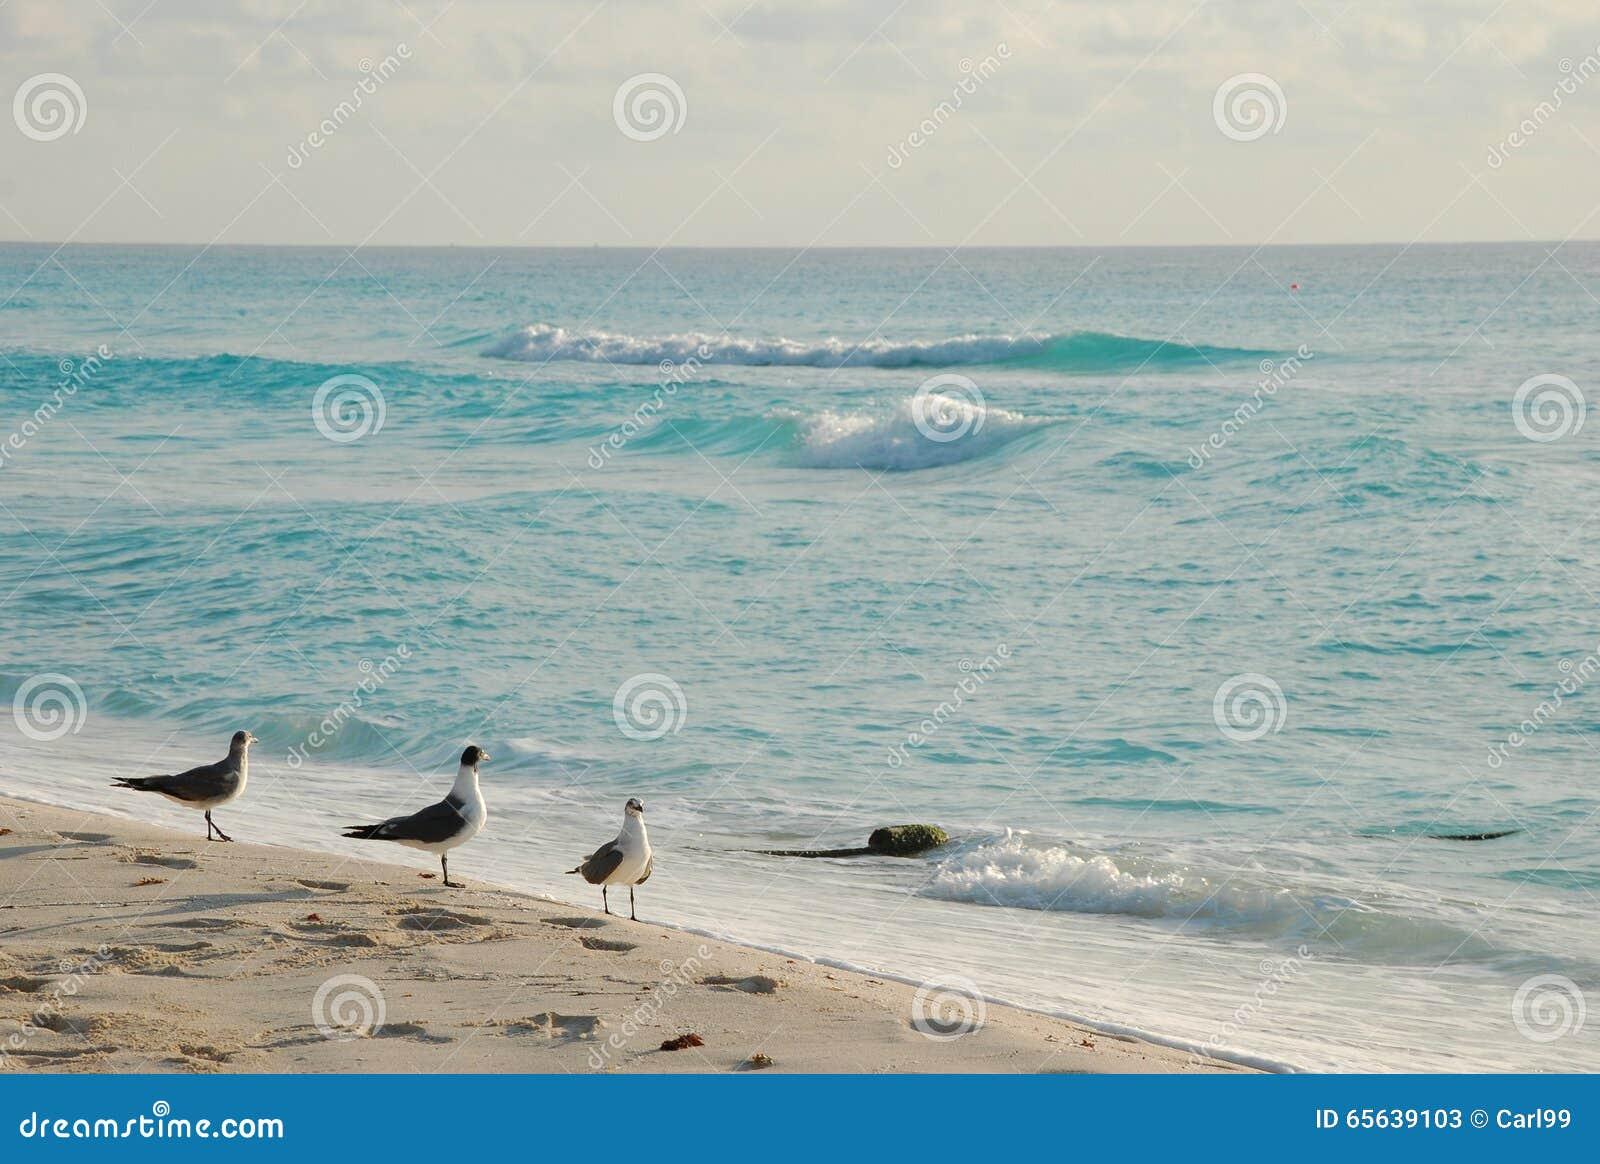 Le beau paysage de bord de la mer